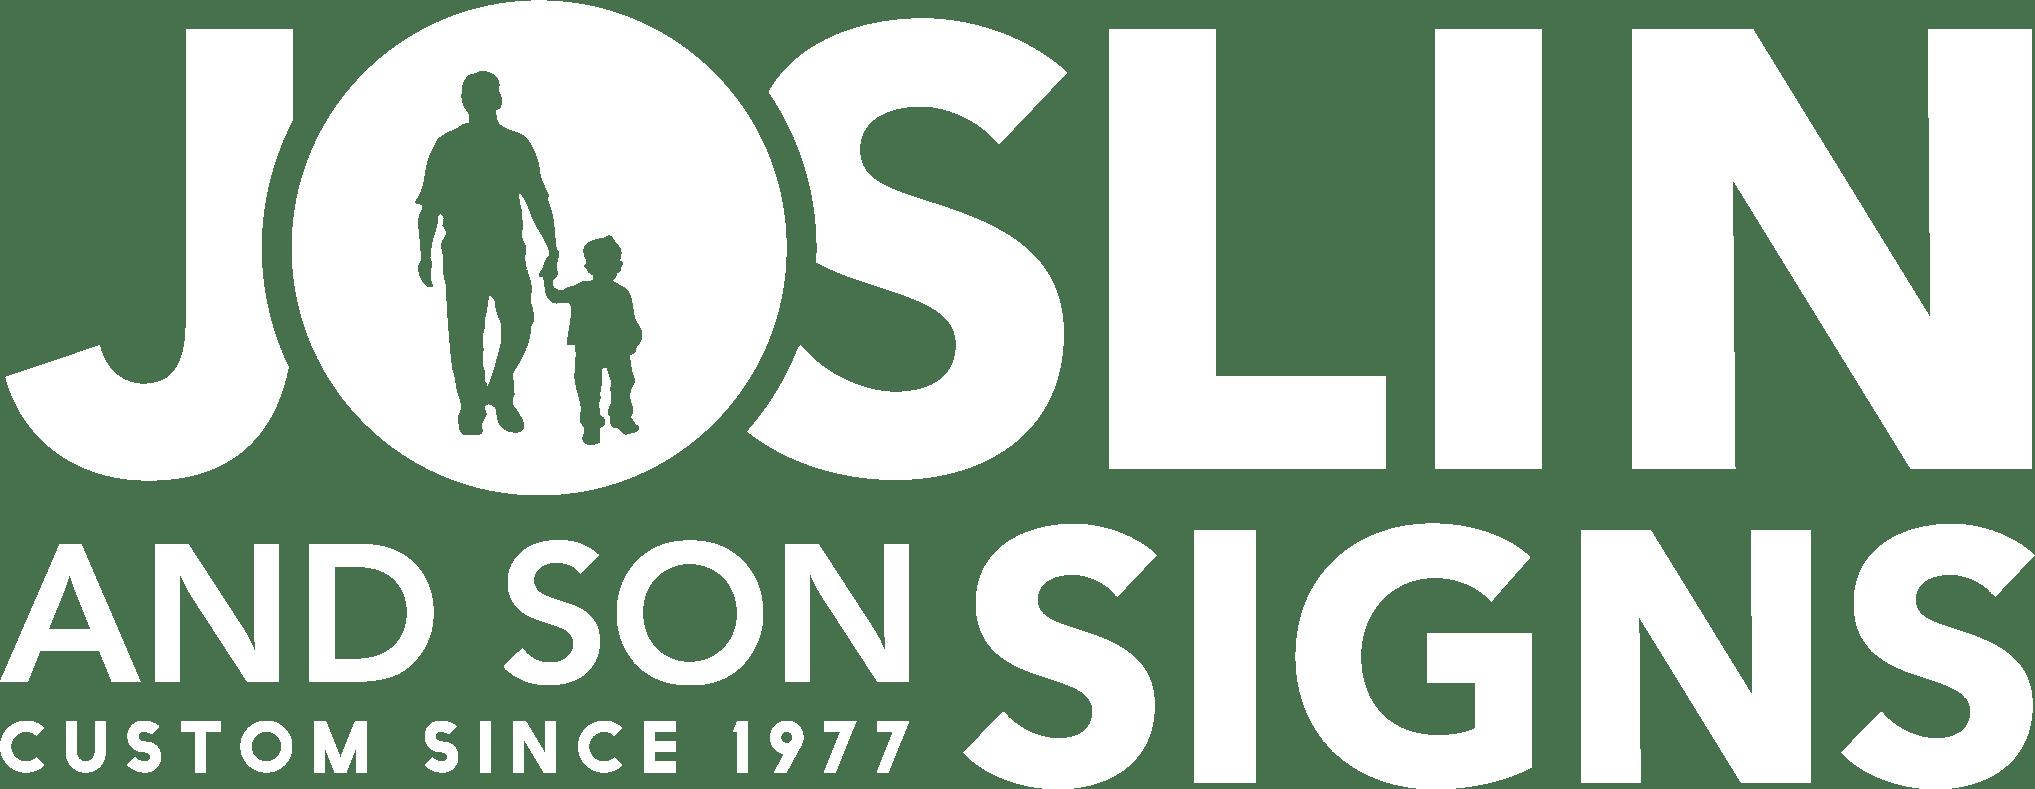 led conversion and sign company near nashville tn